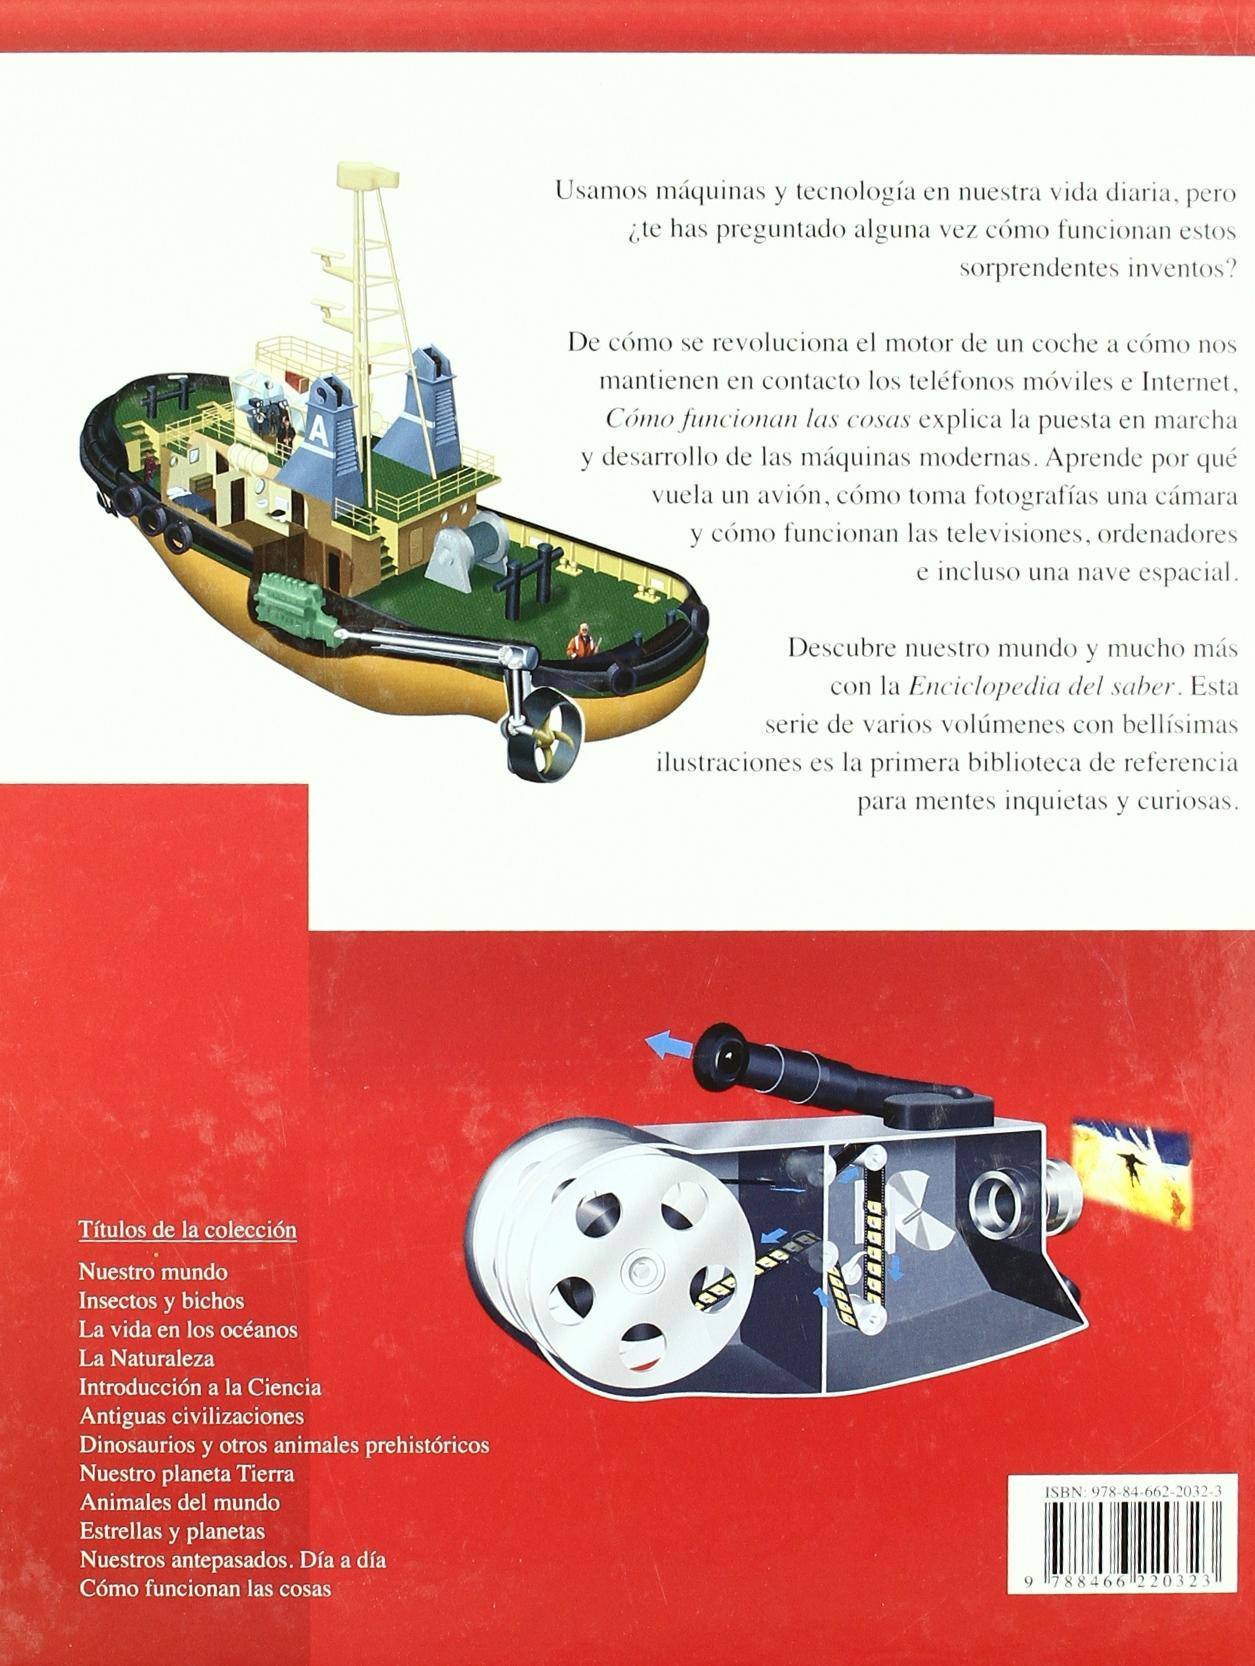 Cómo Funcionan las Cosas (Enciclopedia del Saber): Amazon.es: Nicholas Harris, Ladislao Castellanos: Libros